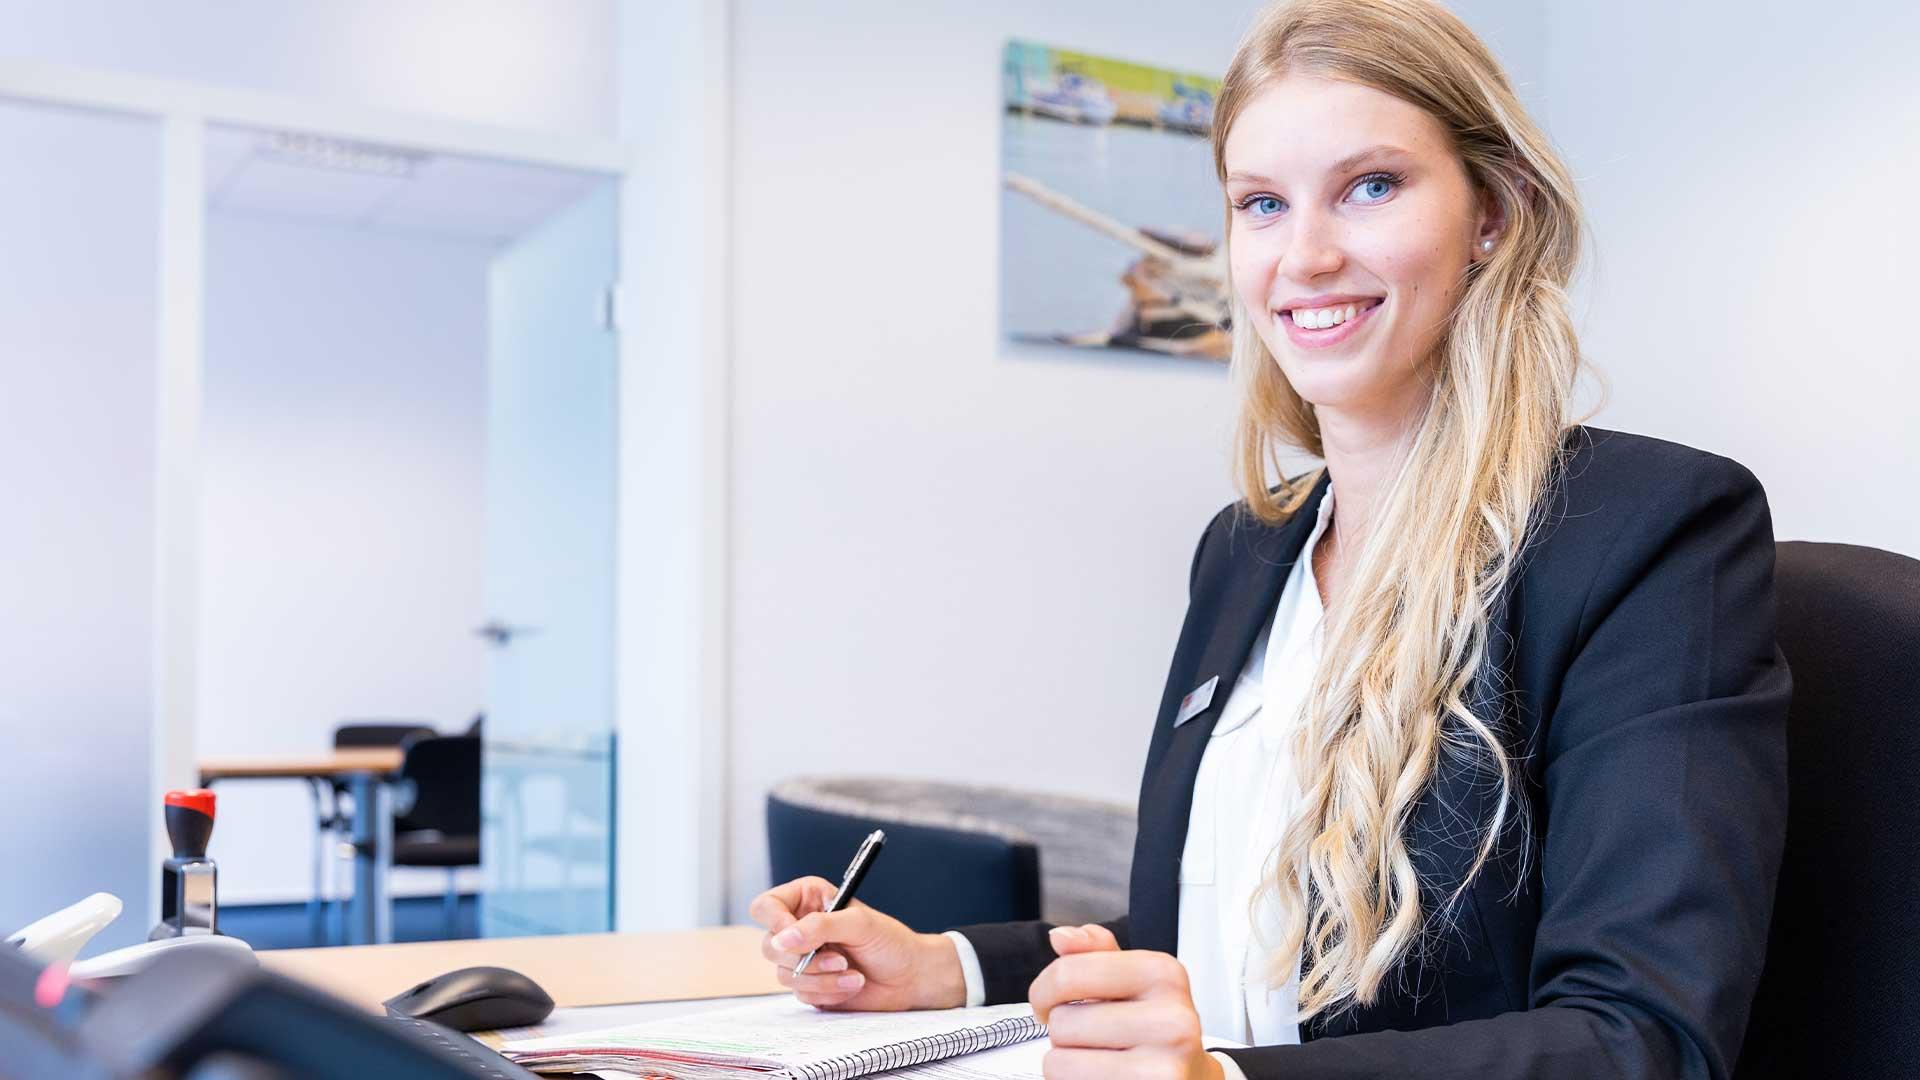 TT Immobilien Unternehmen Karriere